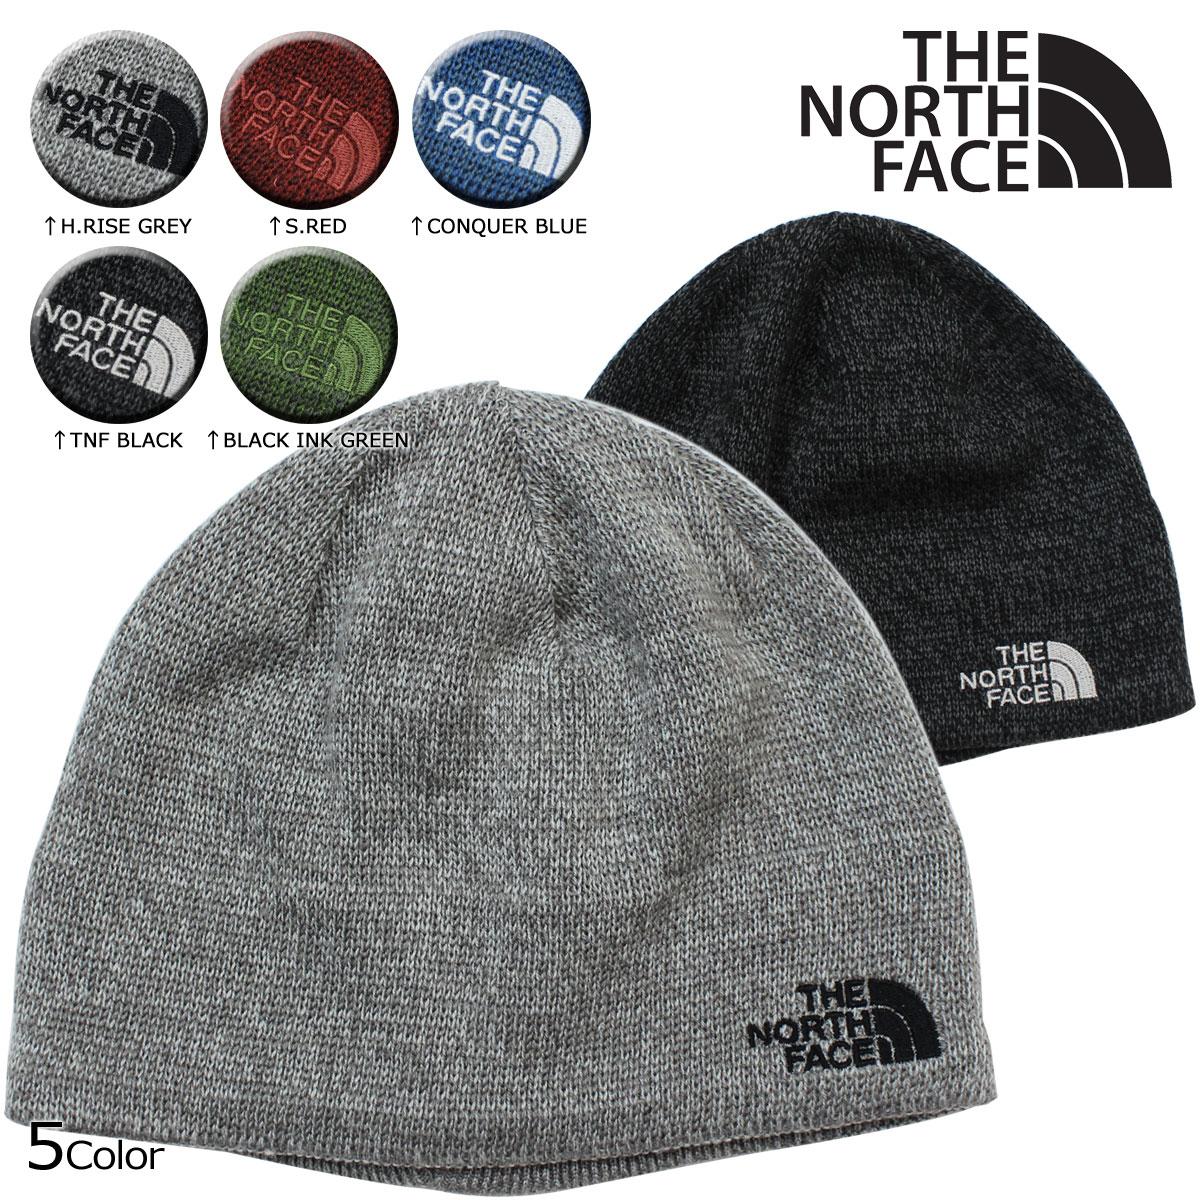 4f9e7eca9 THE NORTH FACE North Face knit hat beanie knit cap JIM BEANIE A5WH men gap  Dis